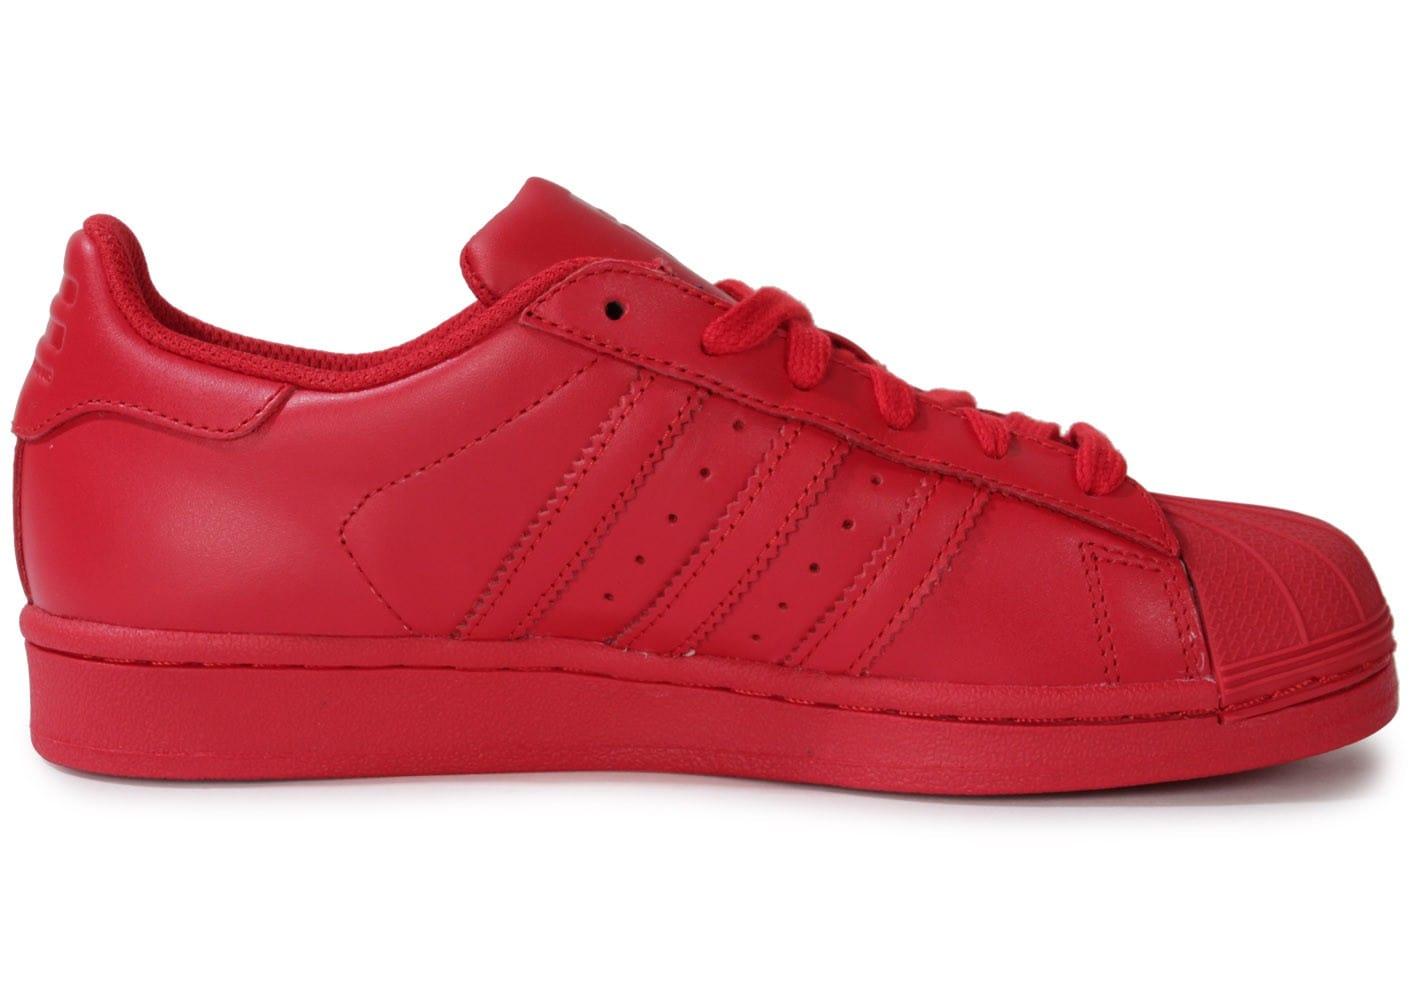 a545bc54f8 Paris basket adidas supercolor superstar adicolor rouge beauté bordeaux  meilleur service bordeaux Authenticité garantie o5hfFL*%Nj guranteed de  qualité